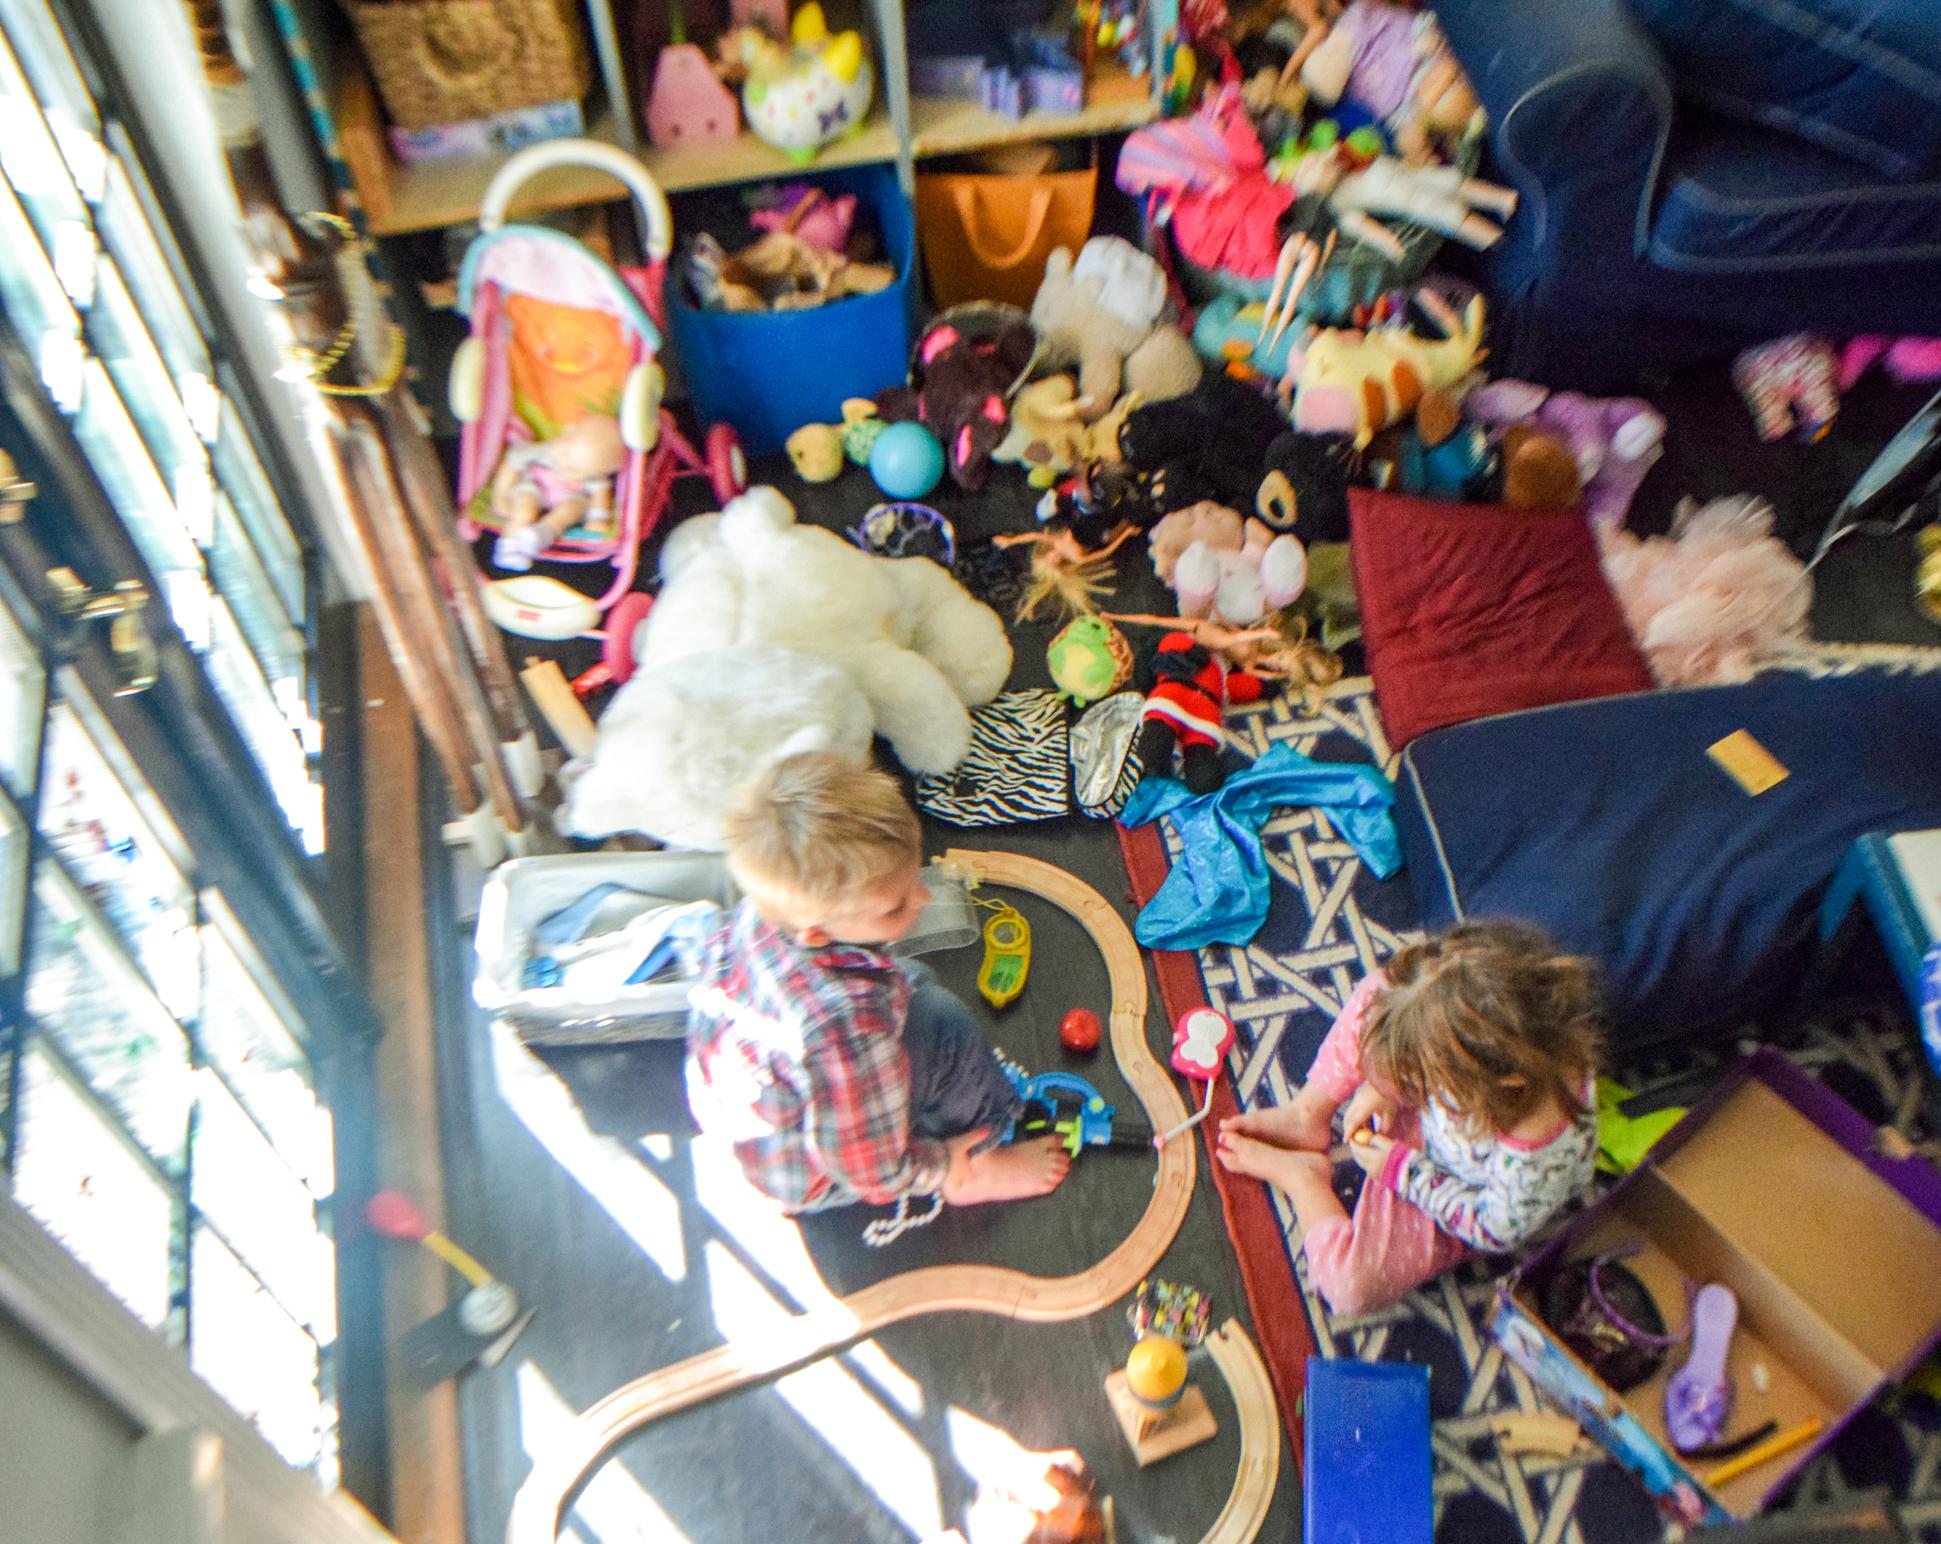 children hoarding